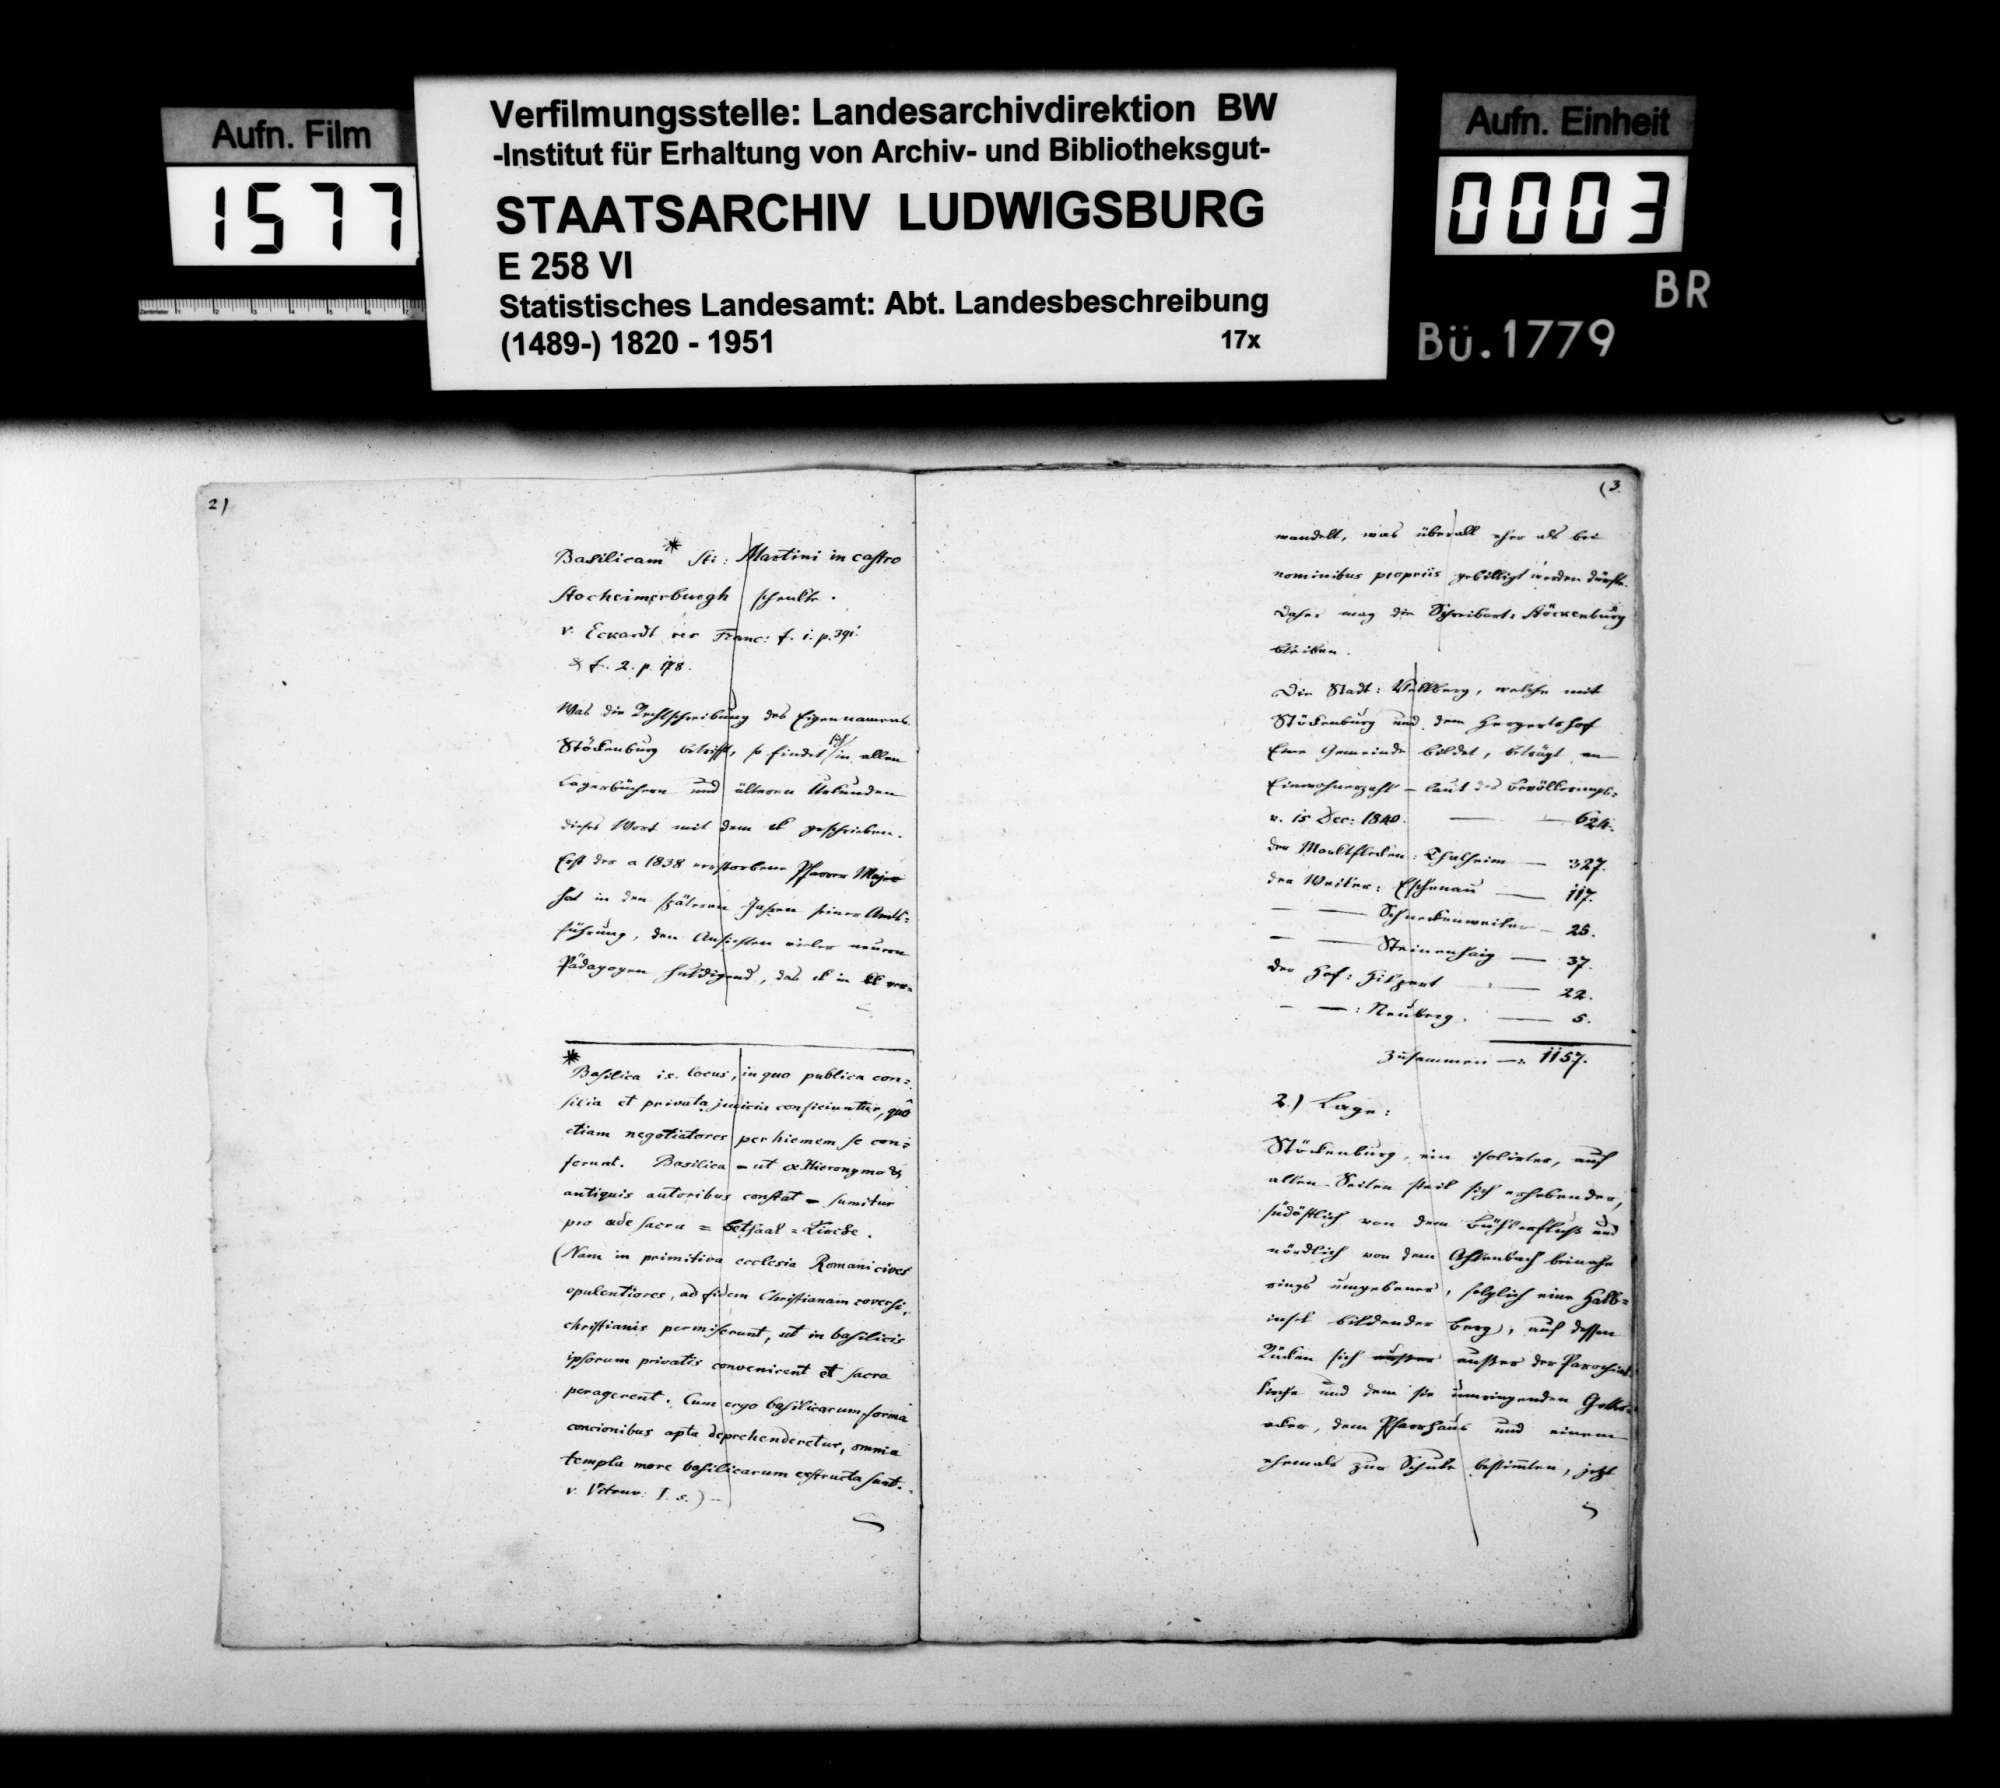 Beschreibung des Pfarrbezirks Stöckenburg von Pfarrer Renner nach den Themen wie oben bei Anhausen, Bild 2